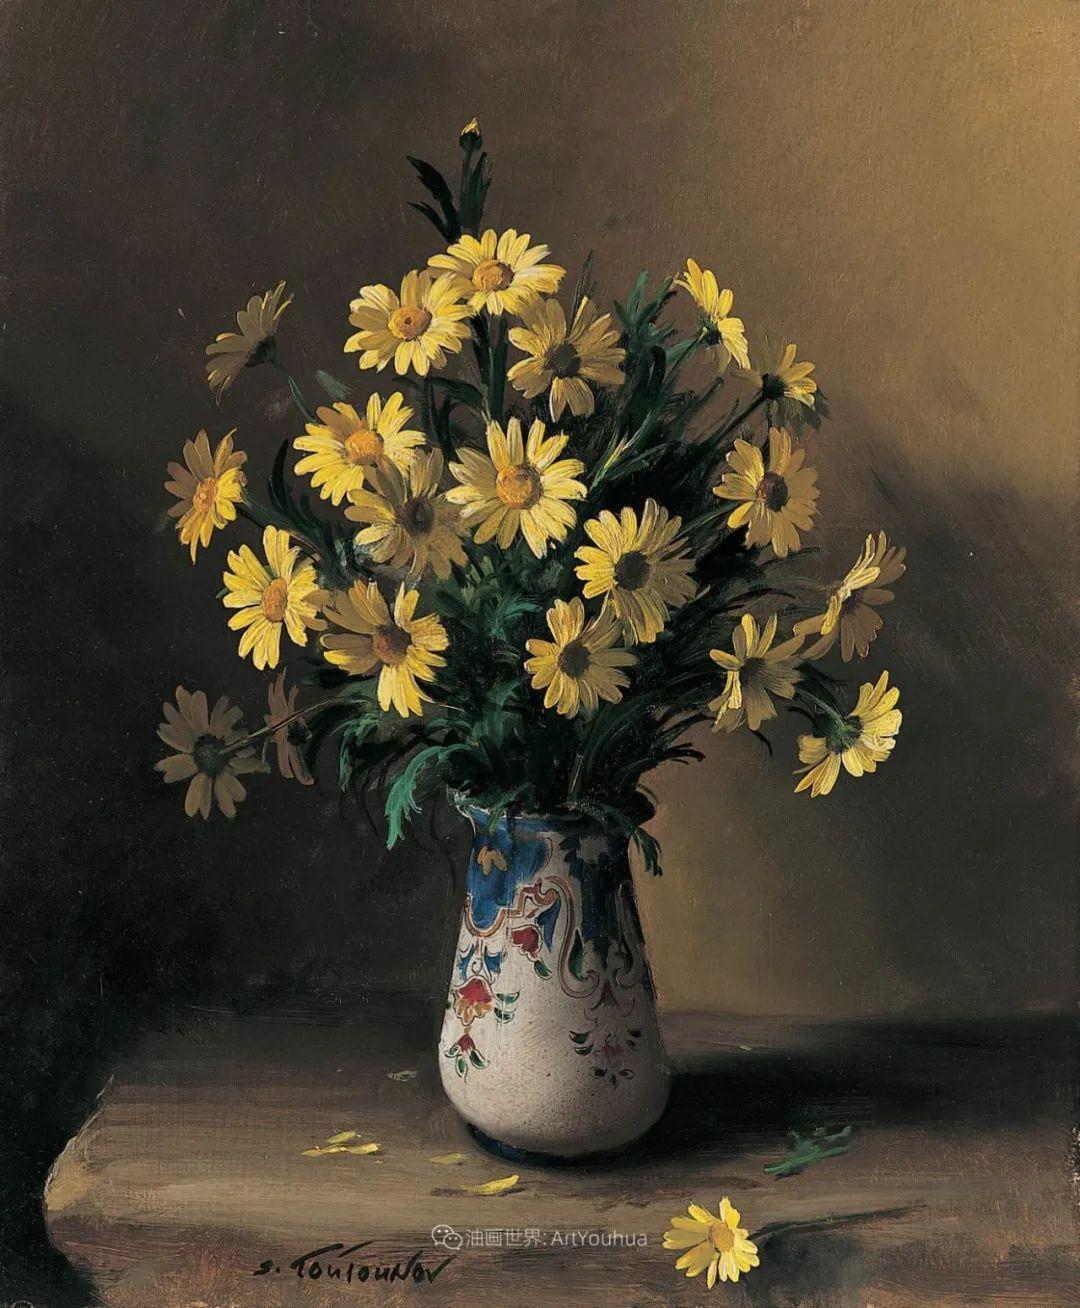 花香袭人,绚丽多彩!俄罗斯画家谢尔盖·图图诺夫插图77